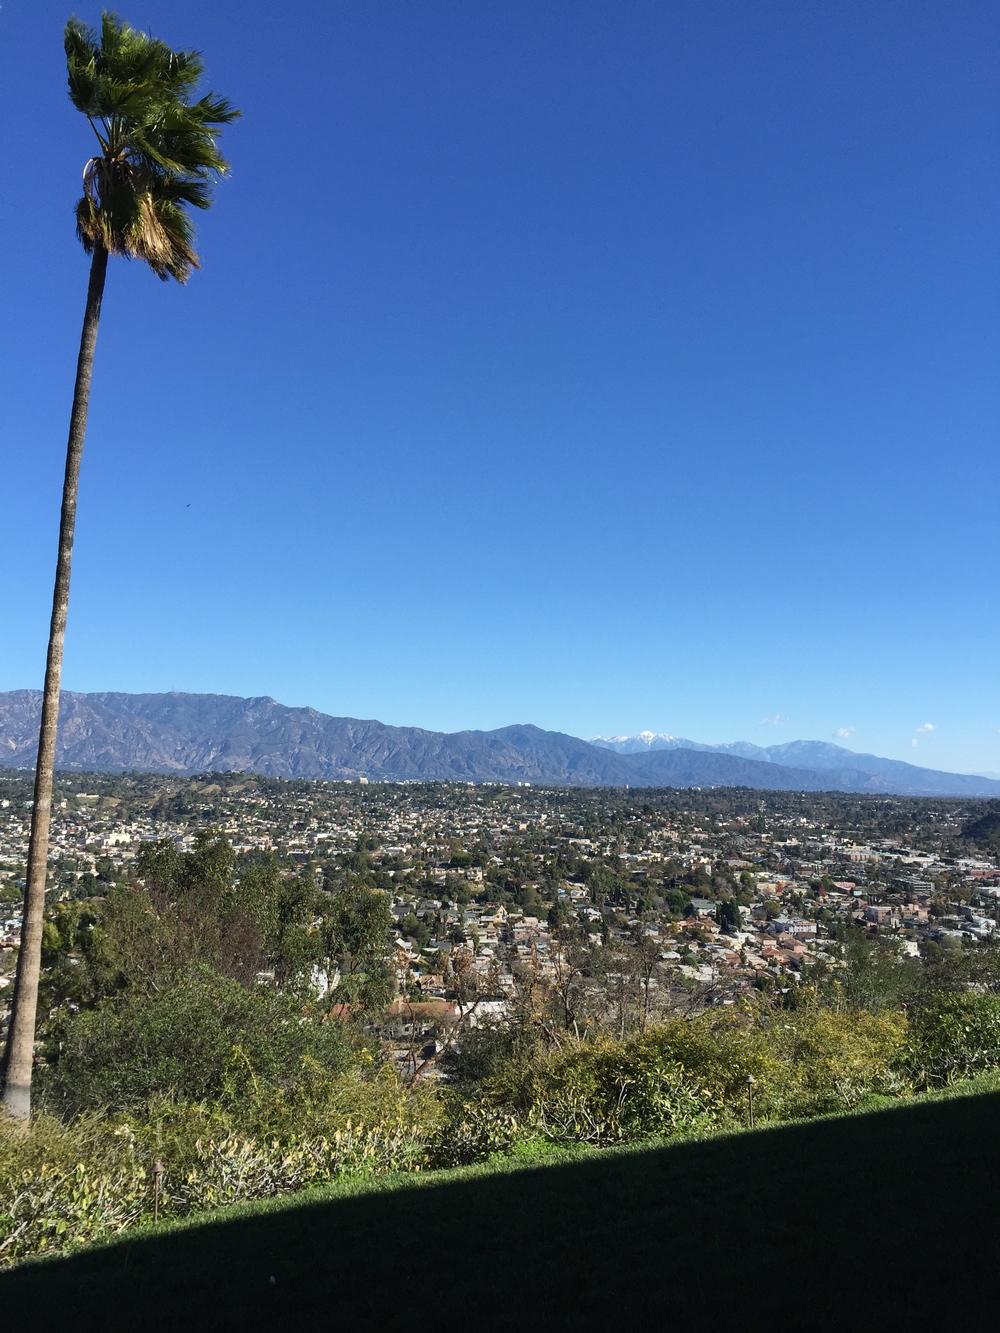 Eagle Rock, CA